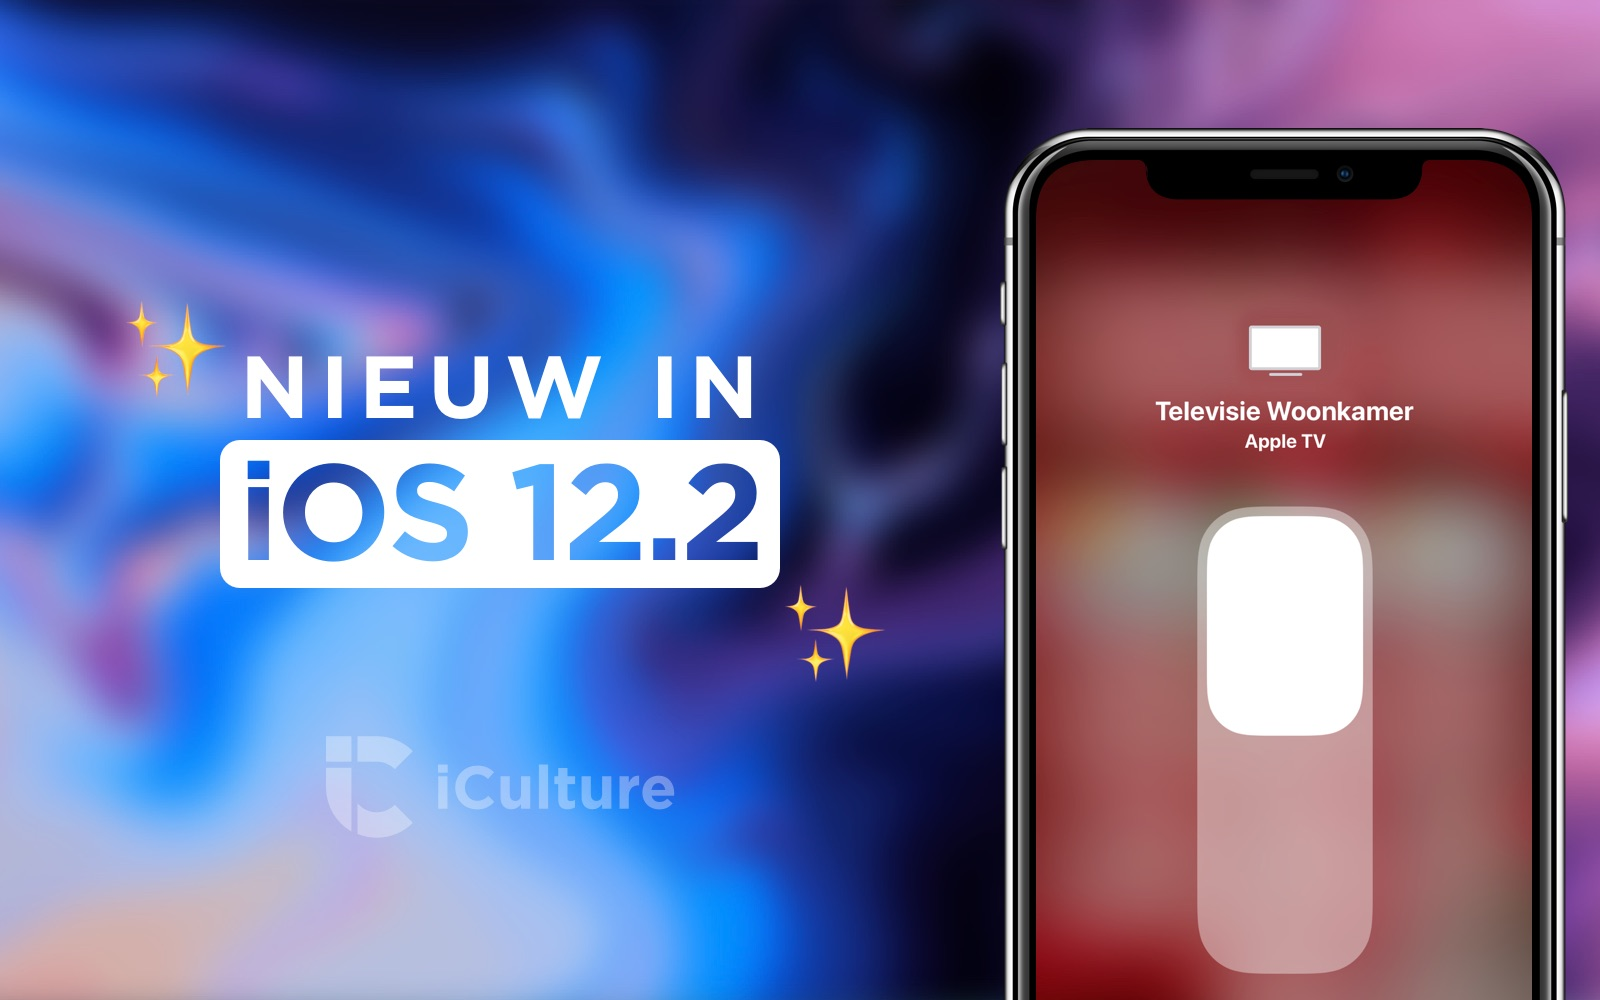 Nieuwe functies in iOS 12.2.